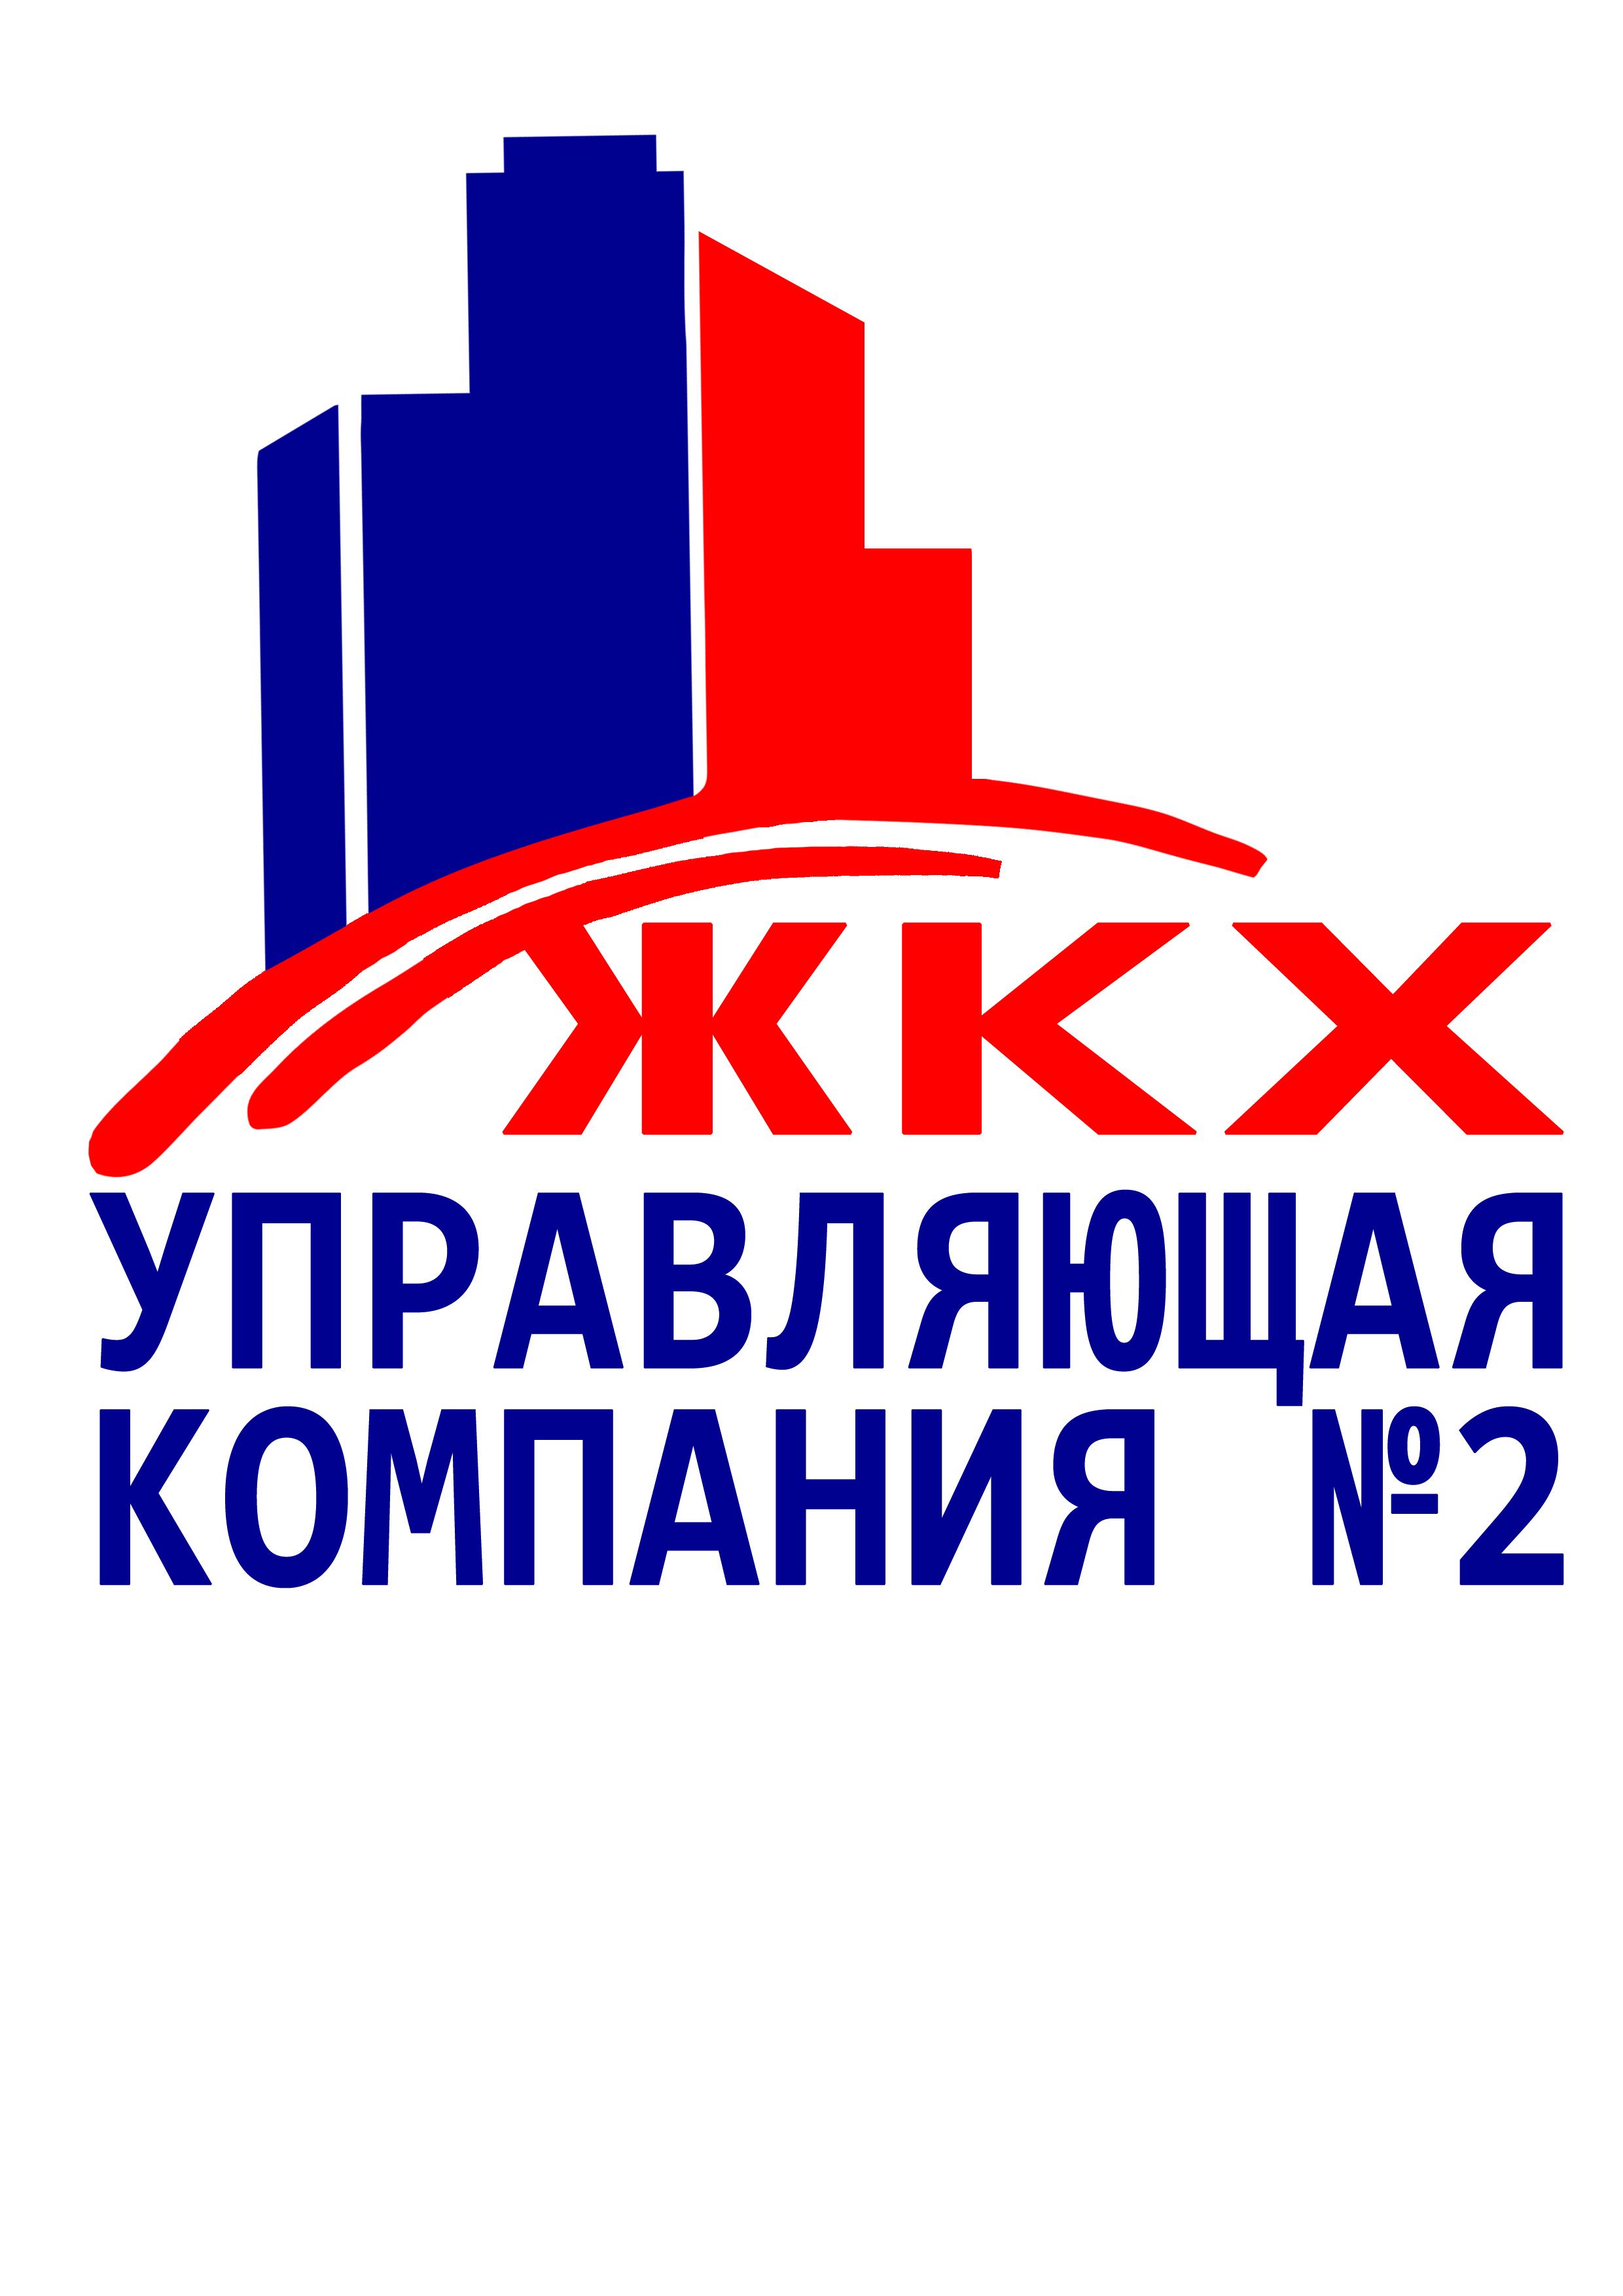 Сайт управляющая компания 2 тольятти поведенческий фактор санкции